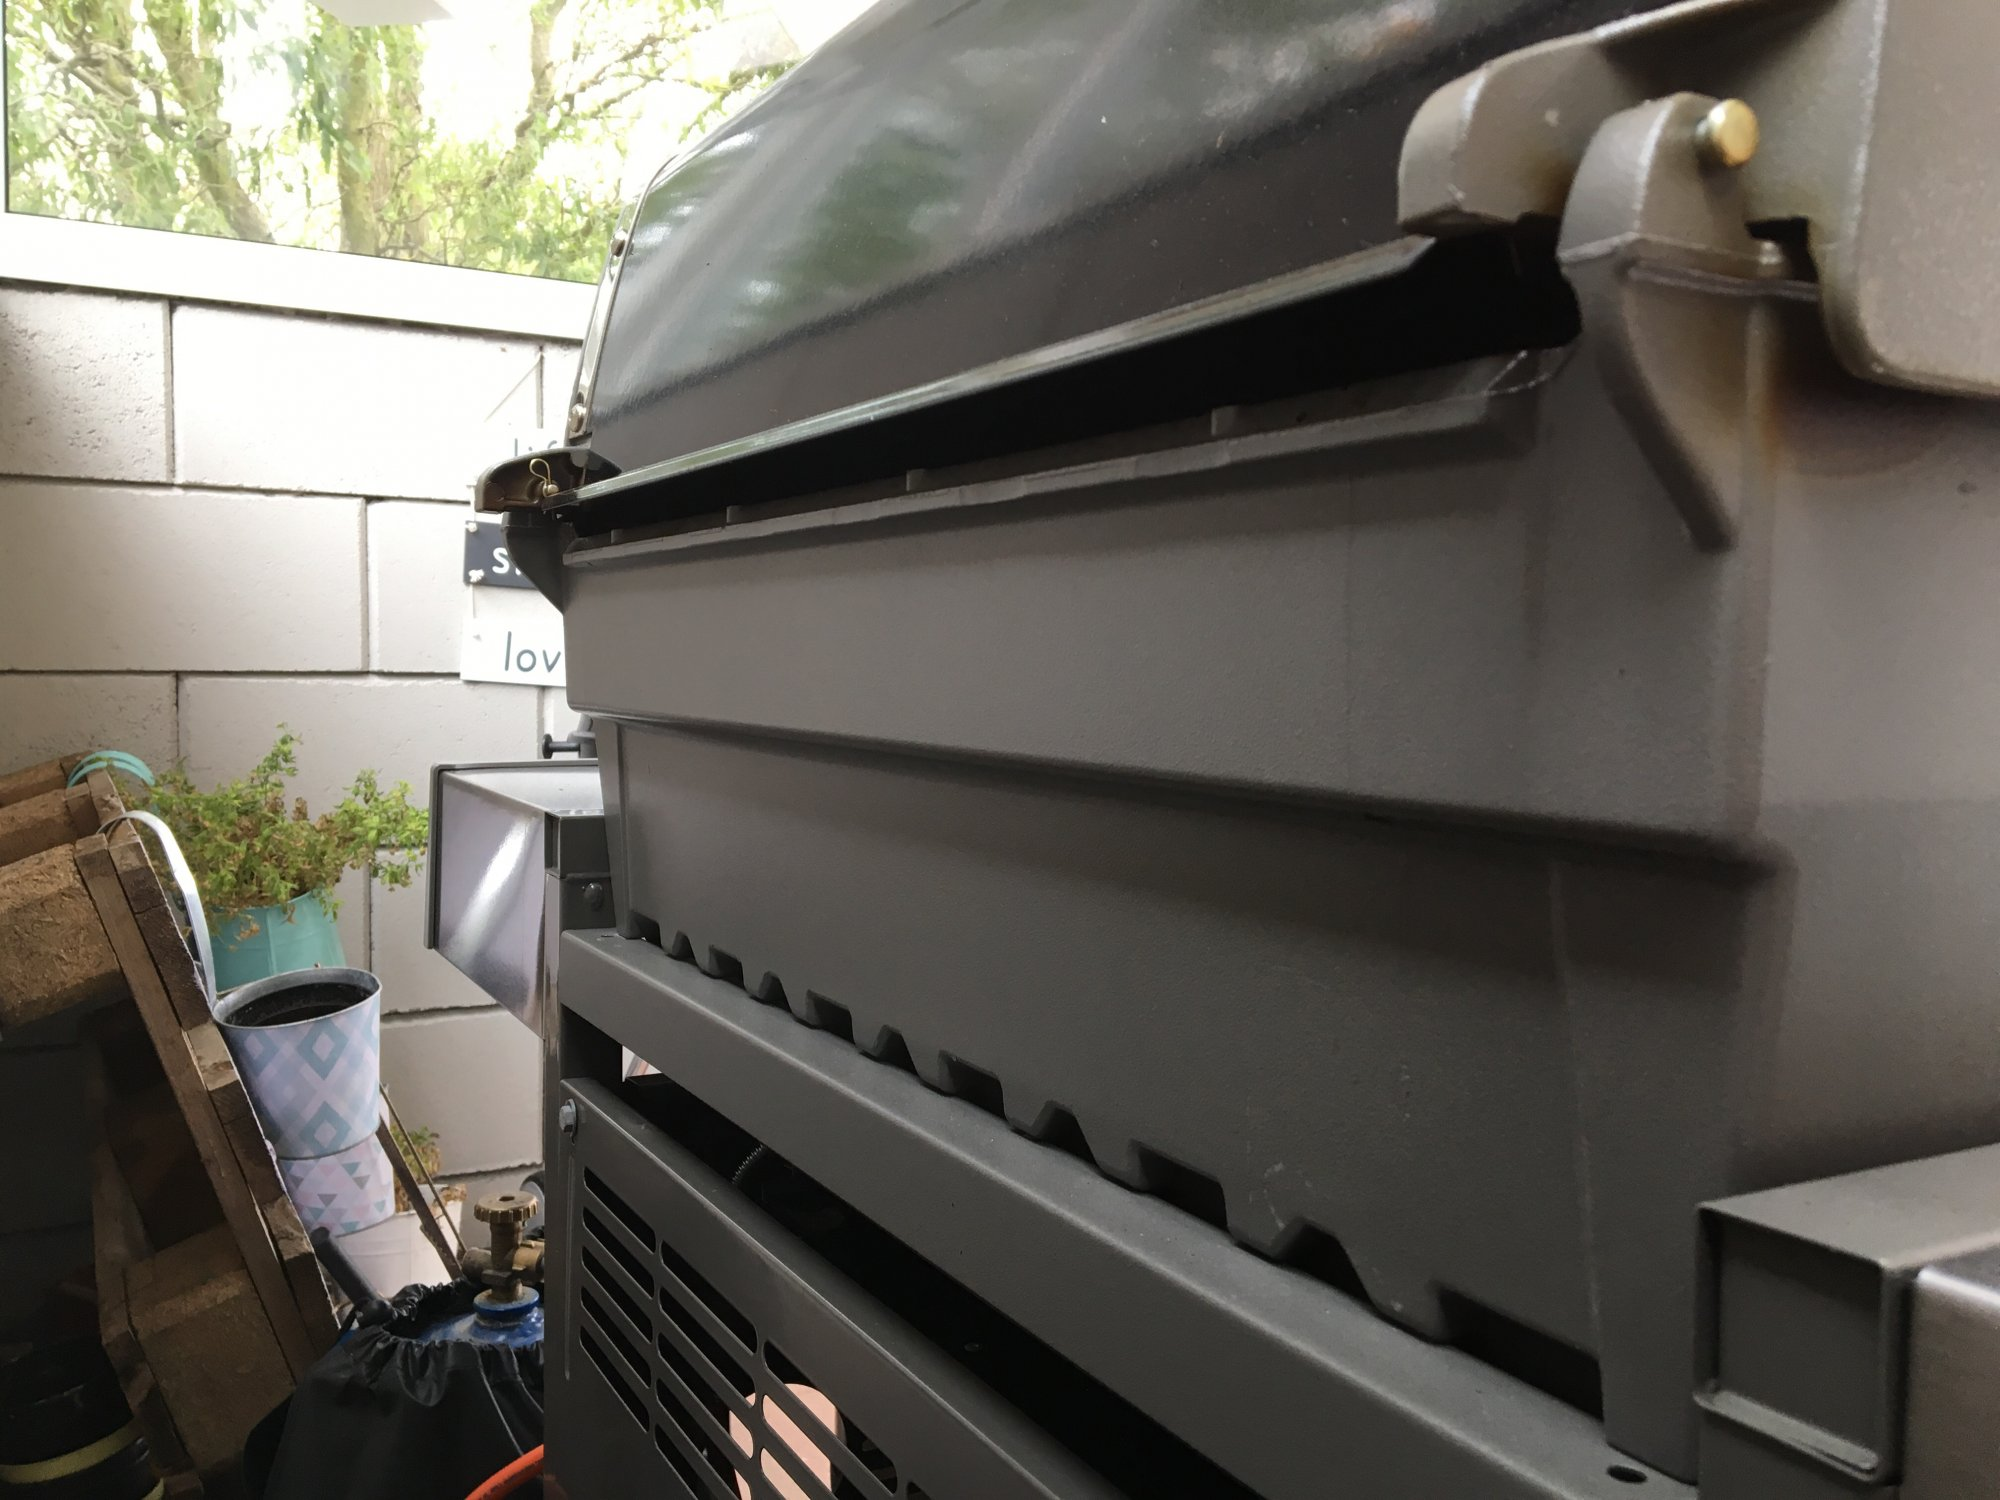 Rösle Gasgrill G3 Aufbauen : Rösle gasgrill g aufbauen inhalte pressemappe rösle bbq station